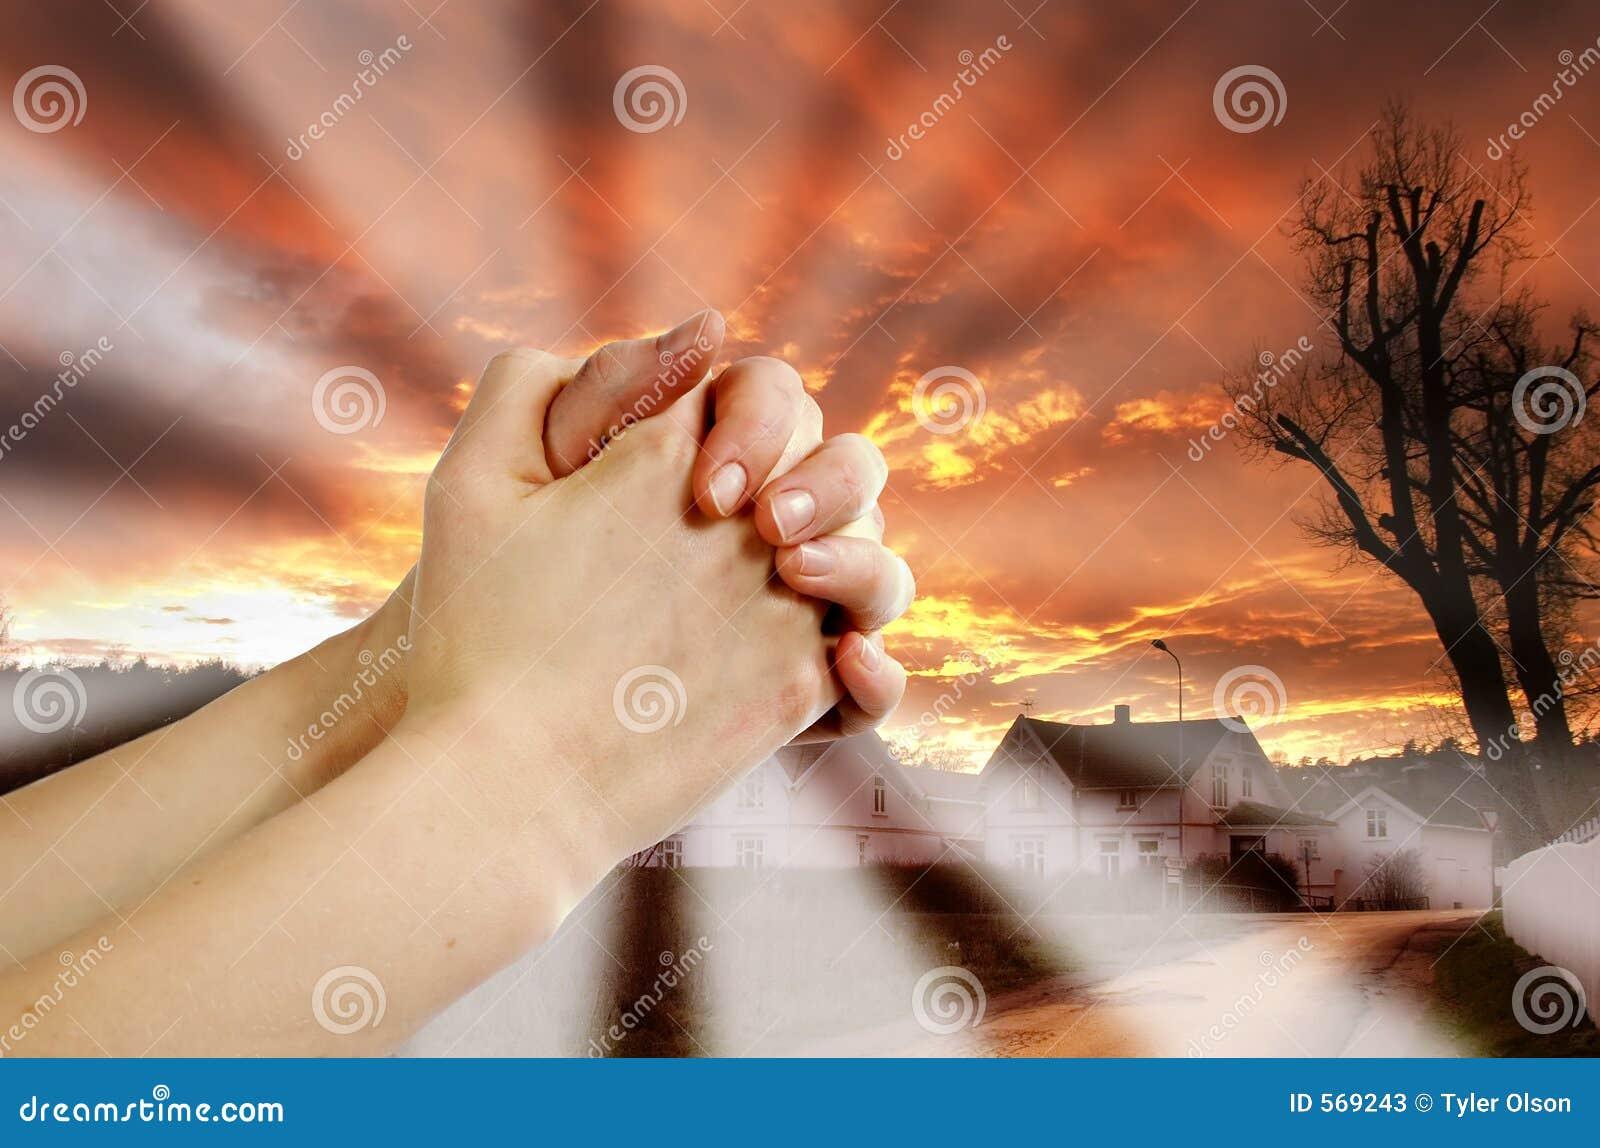 Wojownik modlitwa